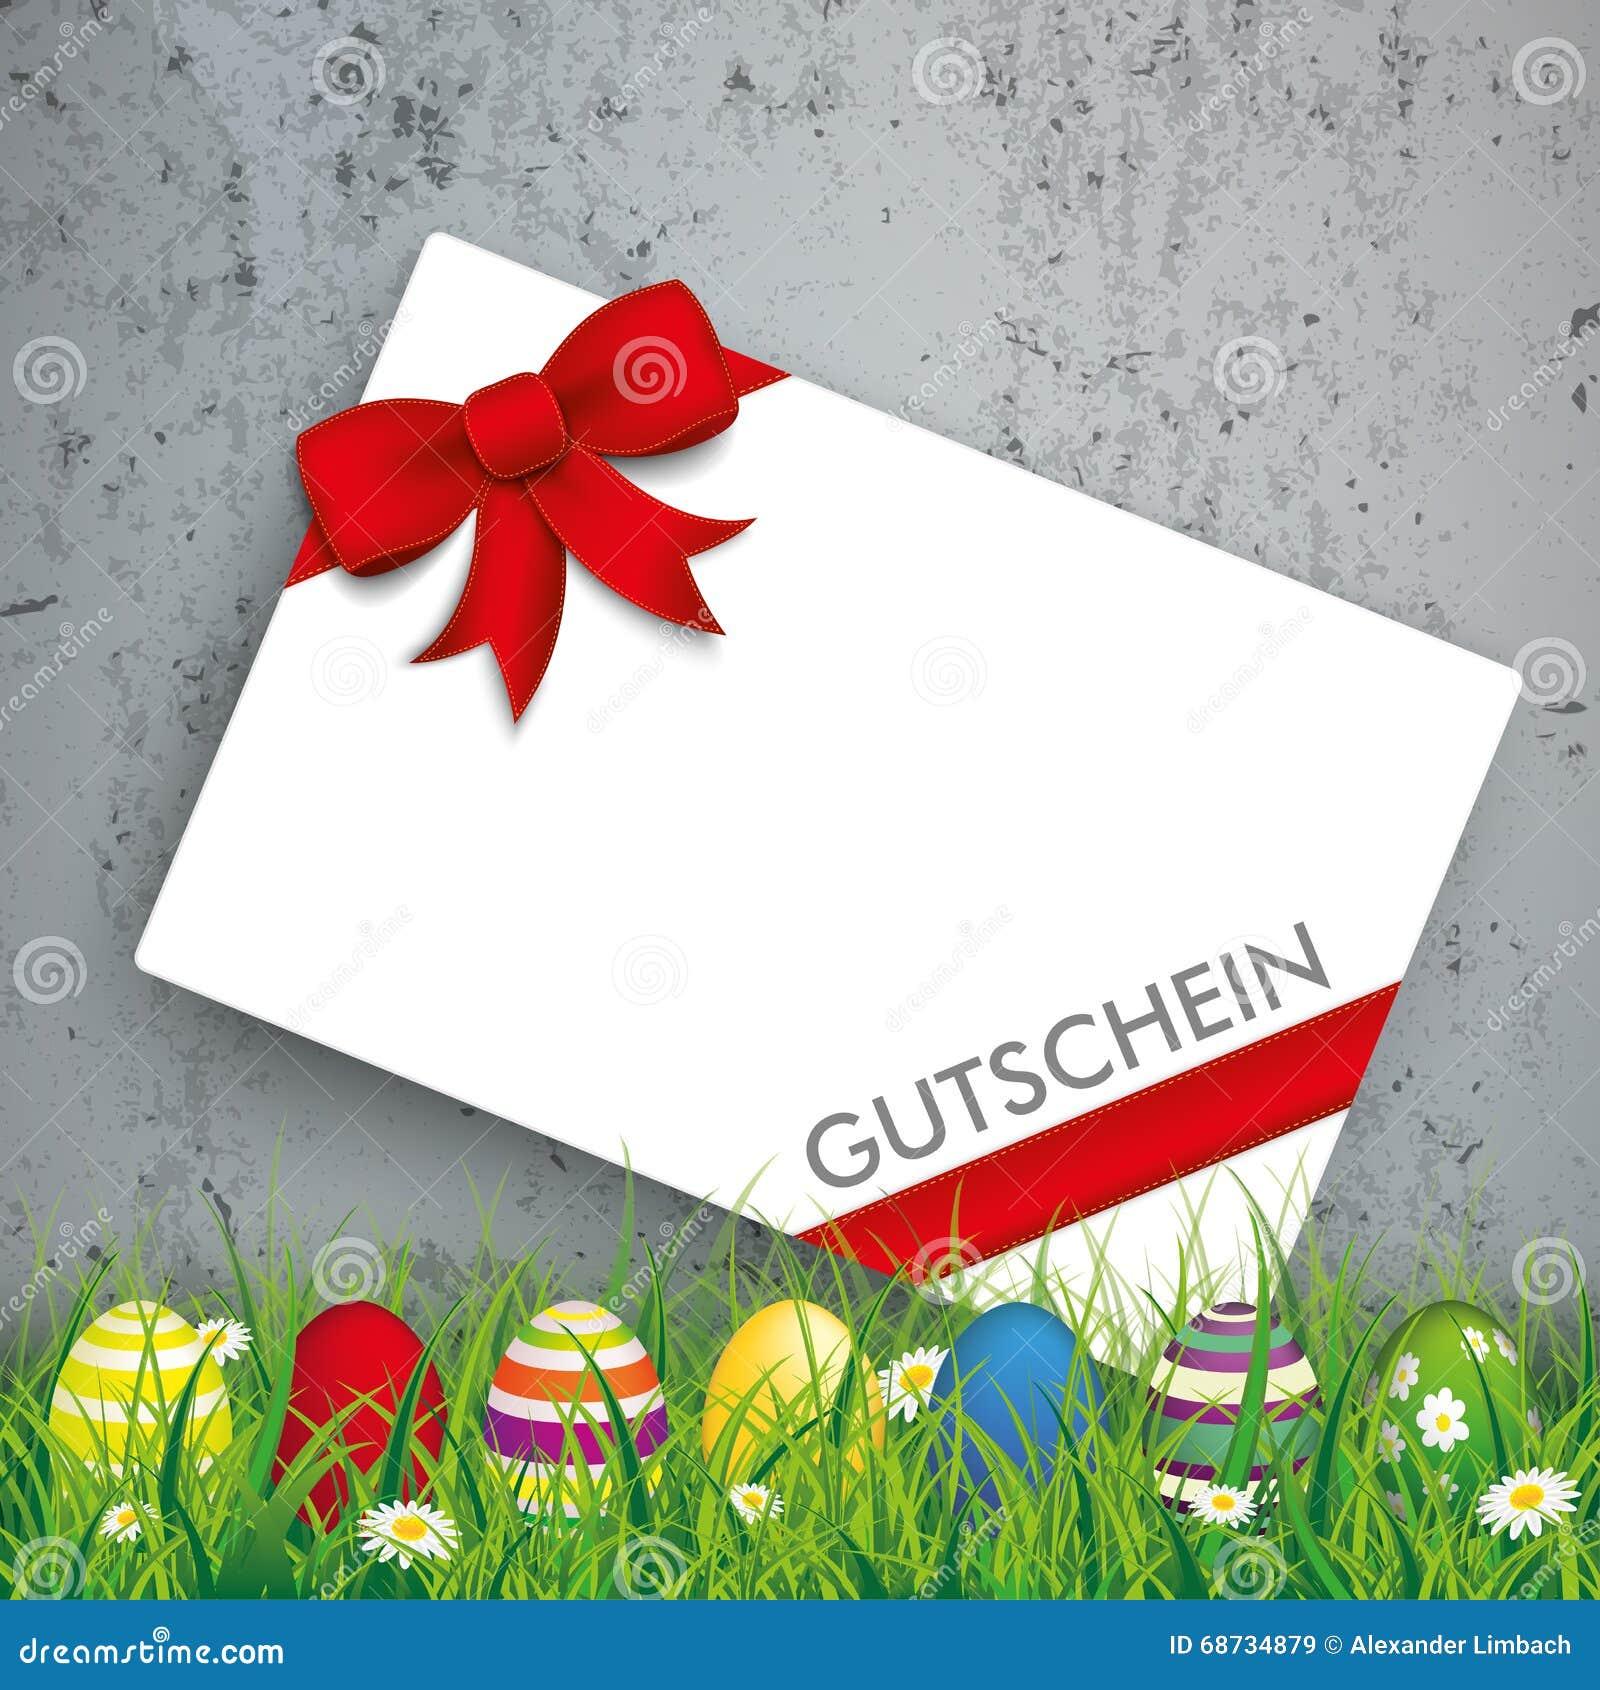 Farbiges Osterei-Gras Gutschein konkret